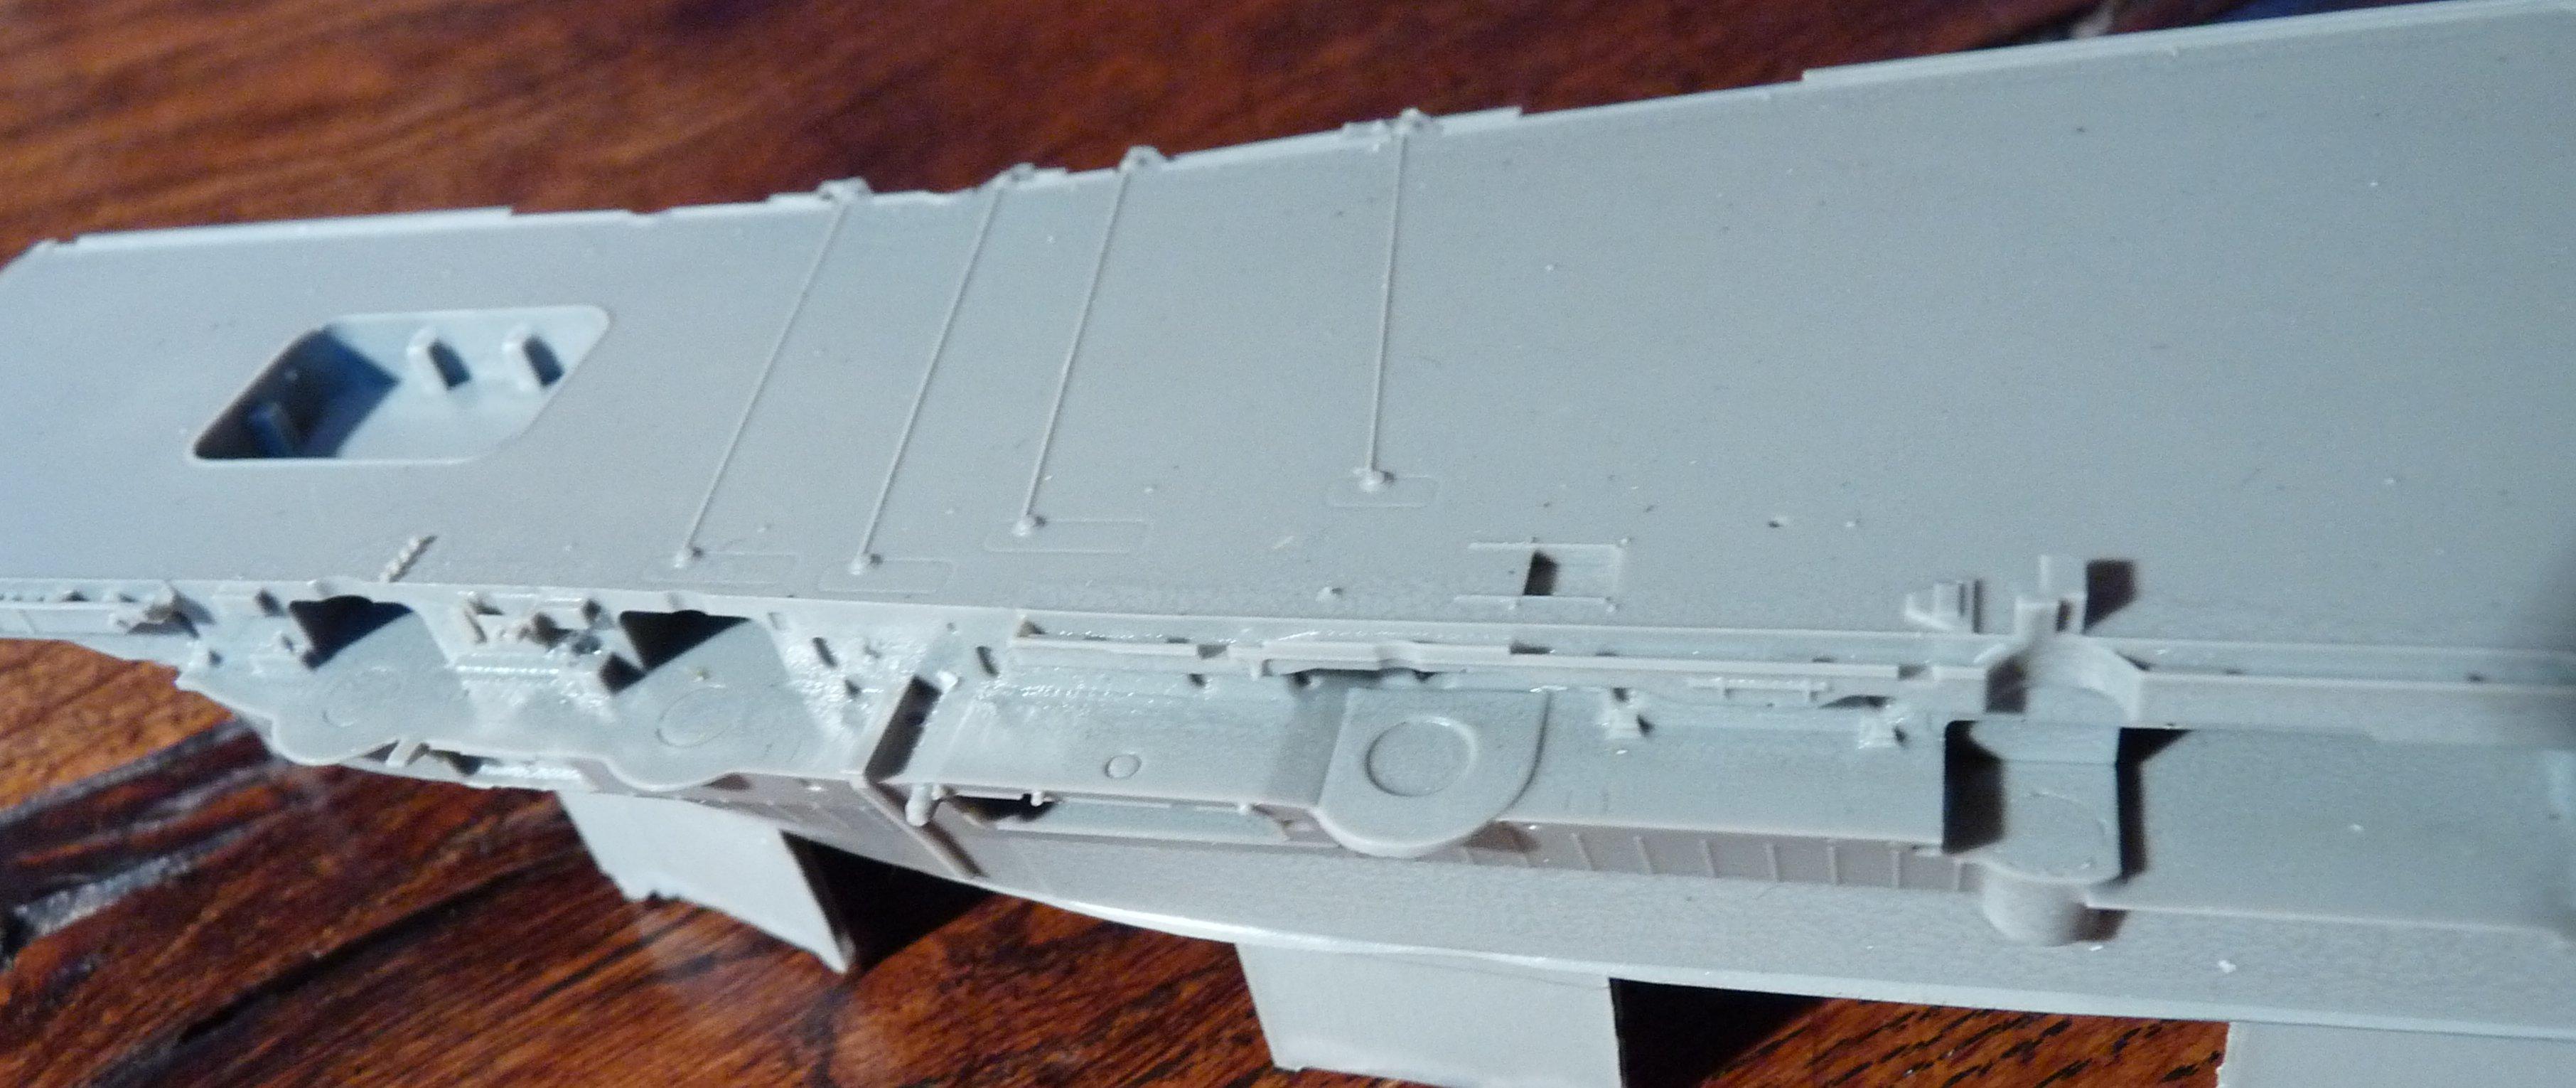 [HMS Victorious après refonte] 1/700e maquette Orange Hobby 17072112564523134915159386